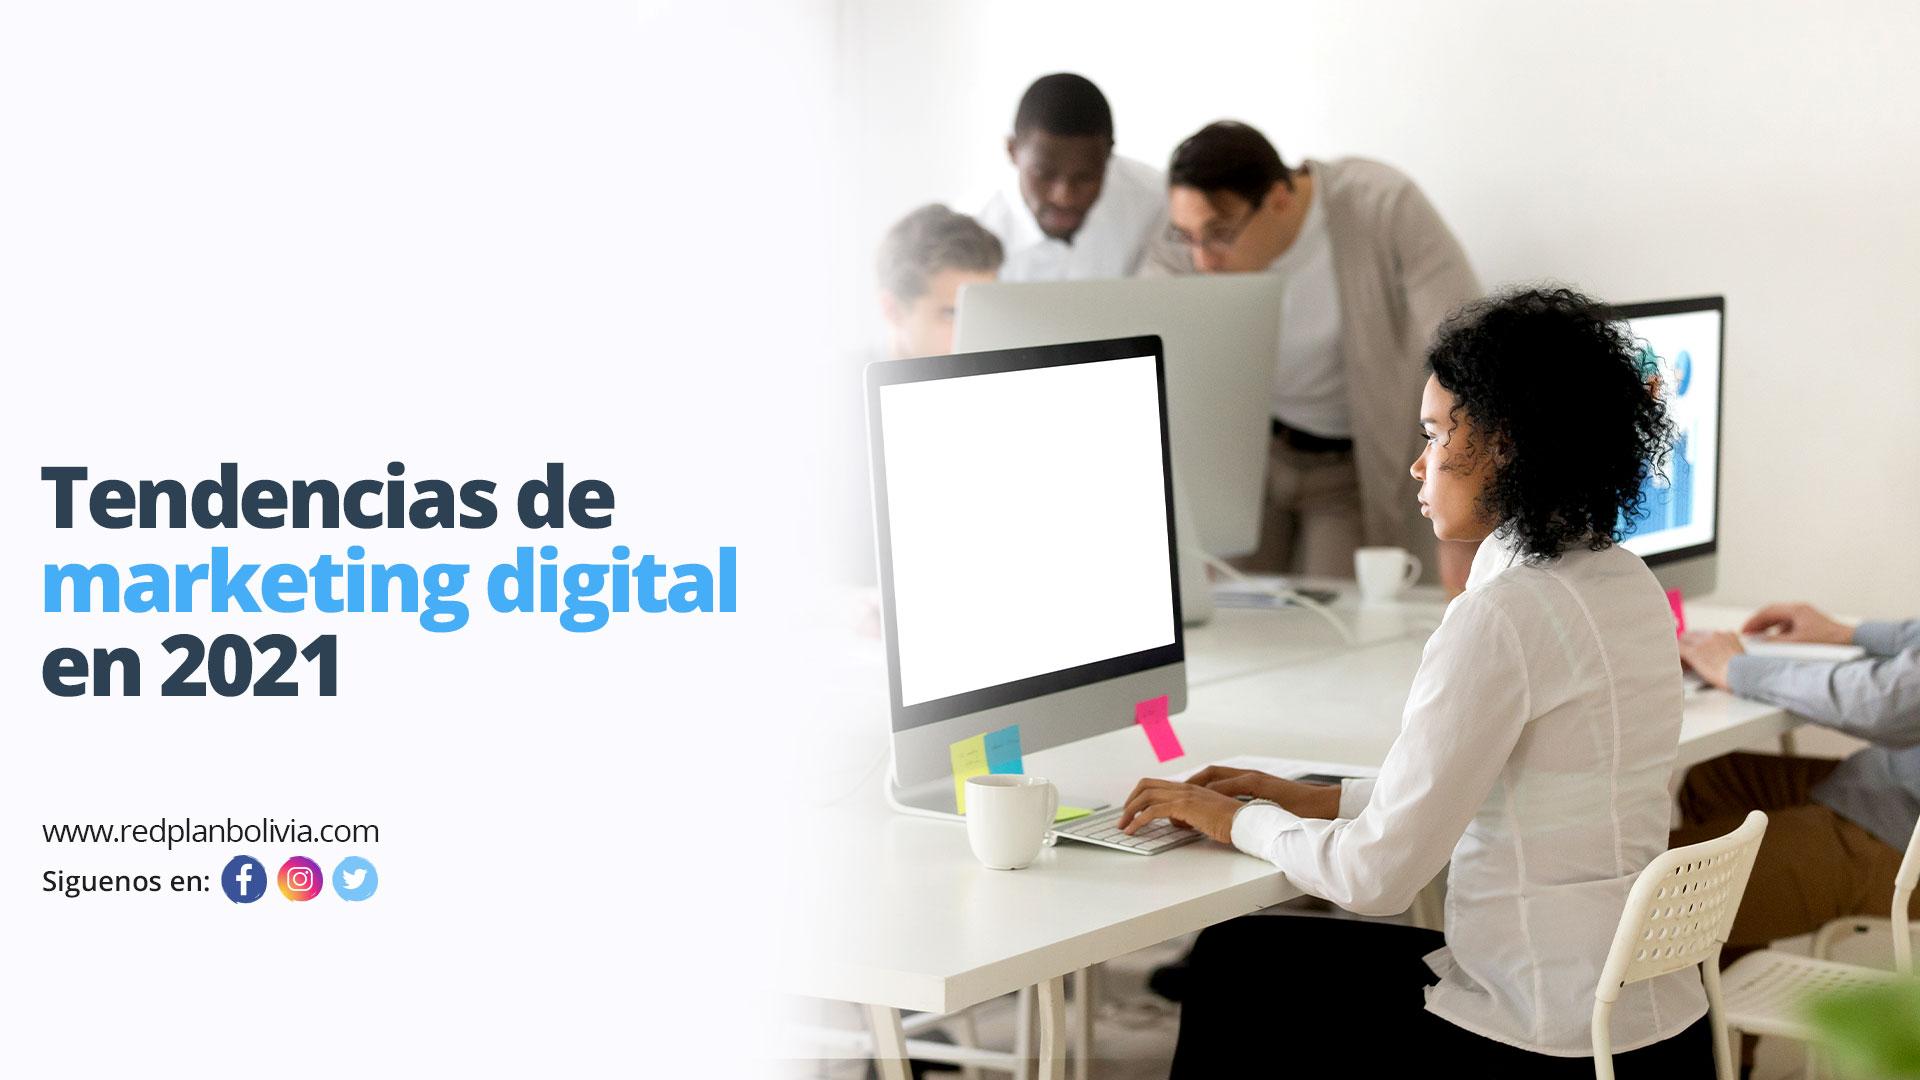 tendencias-de-marketing-digital-en-2021